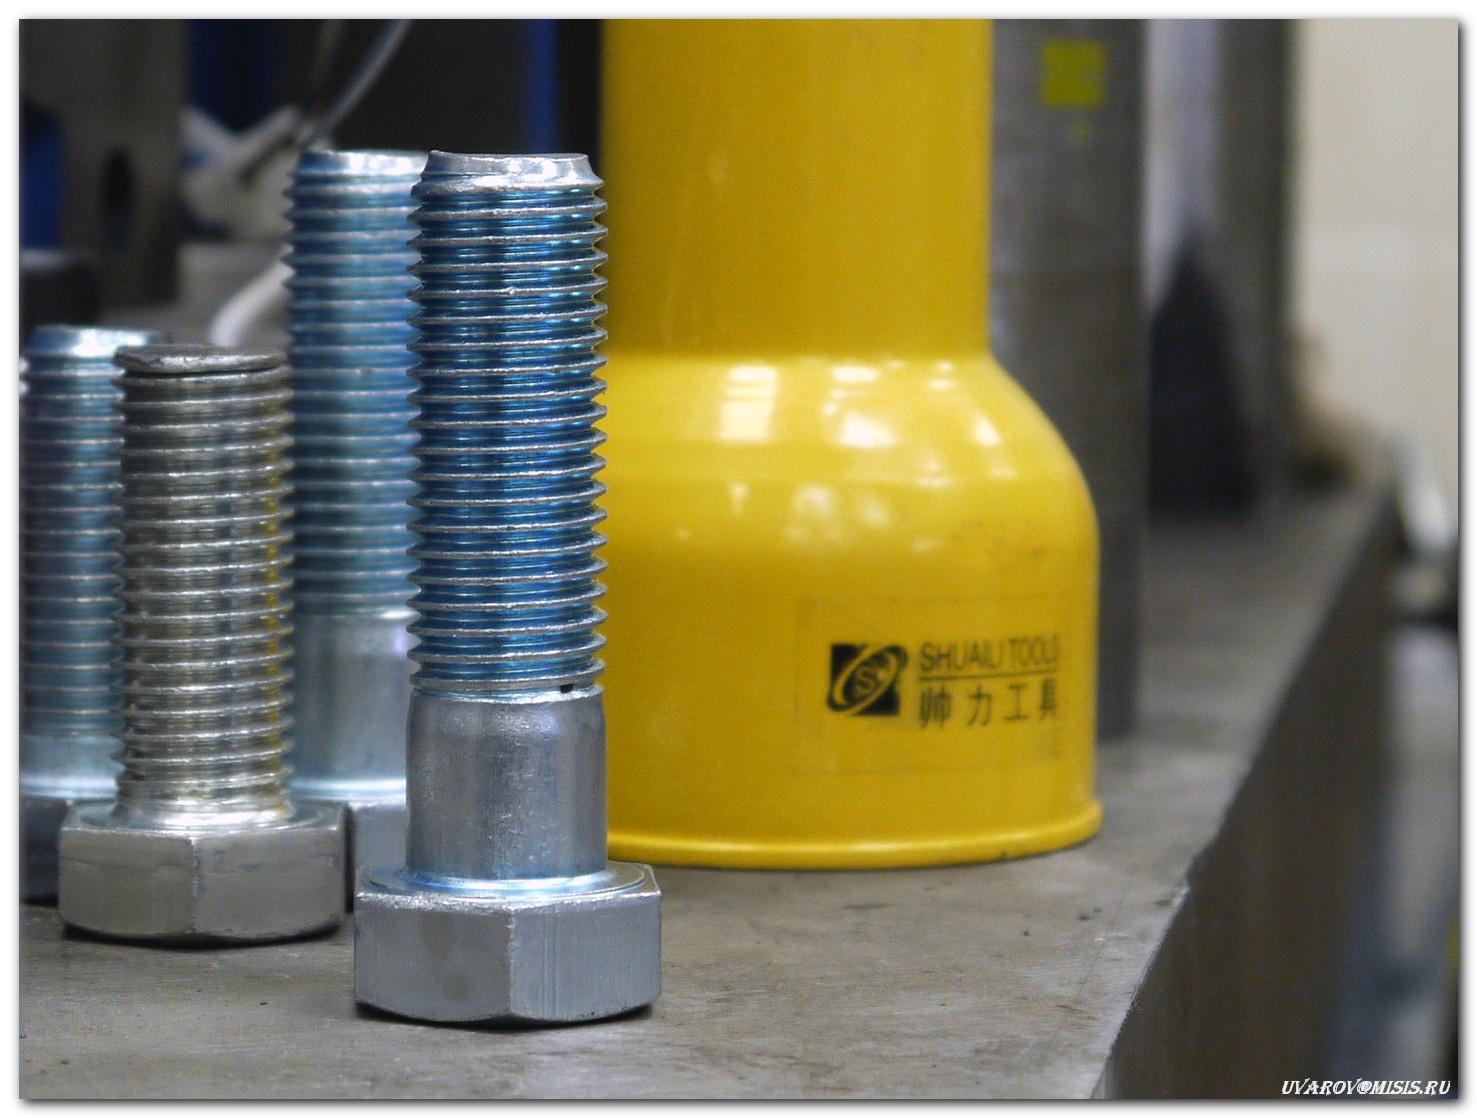 Лаборатории НИТУ «МИСиС»: от разделения наночастиц магнетита до создания квантового компьютера - 18